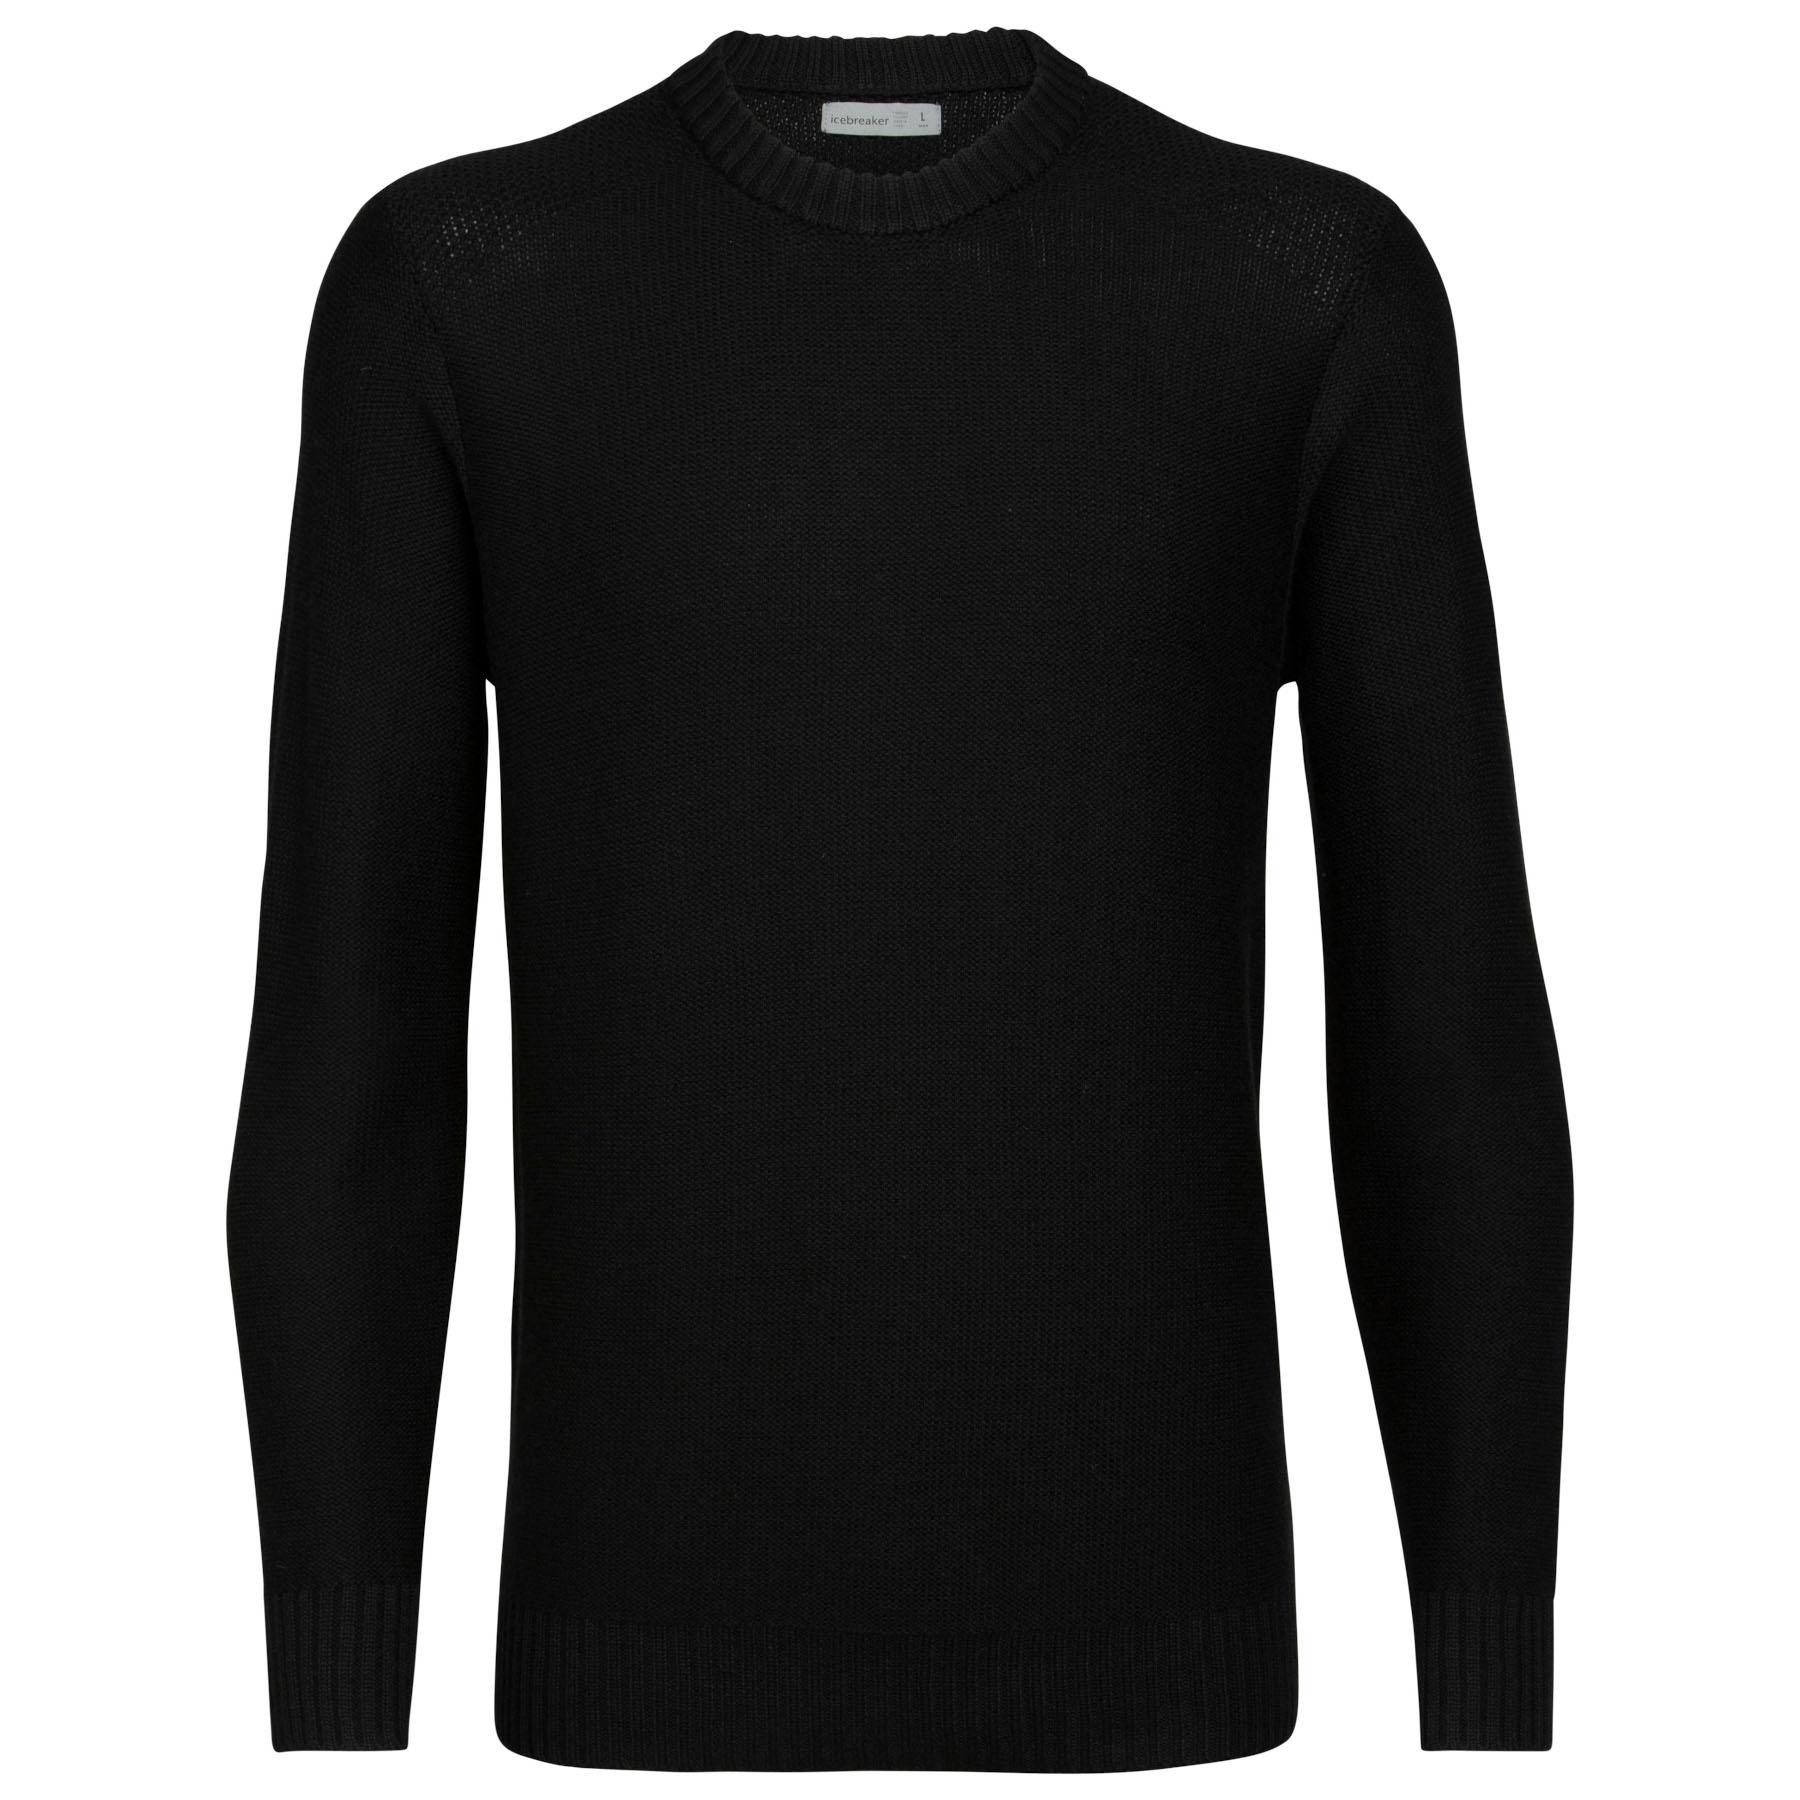 Produktbild von Icebreaker Waypoint Crewe Herren Pullover - Black